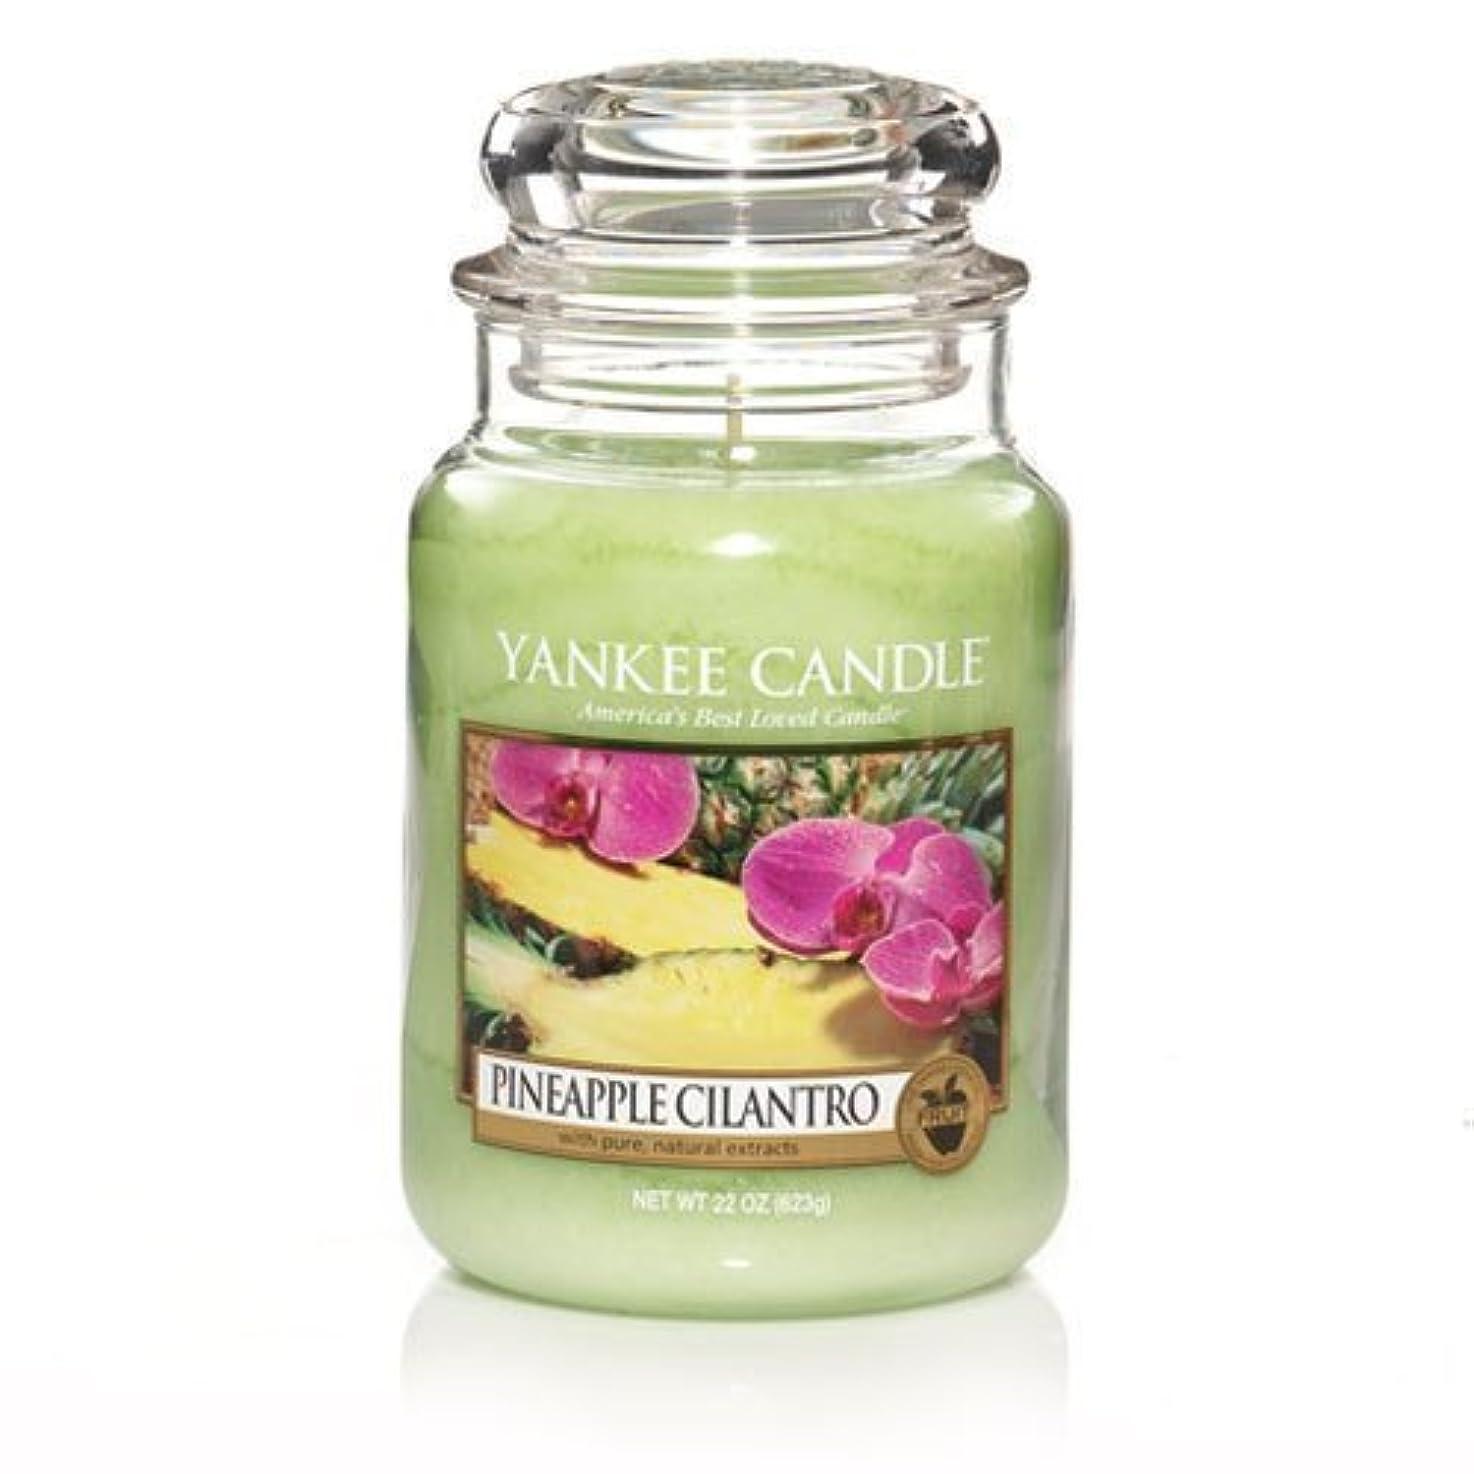 テント三角形センチメンタルYankee Candle Pineapple Cilantro Large Jar 22oz Candle by Amazon source [並行輸入品]